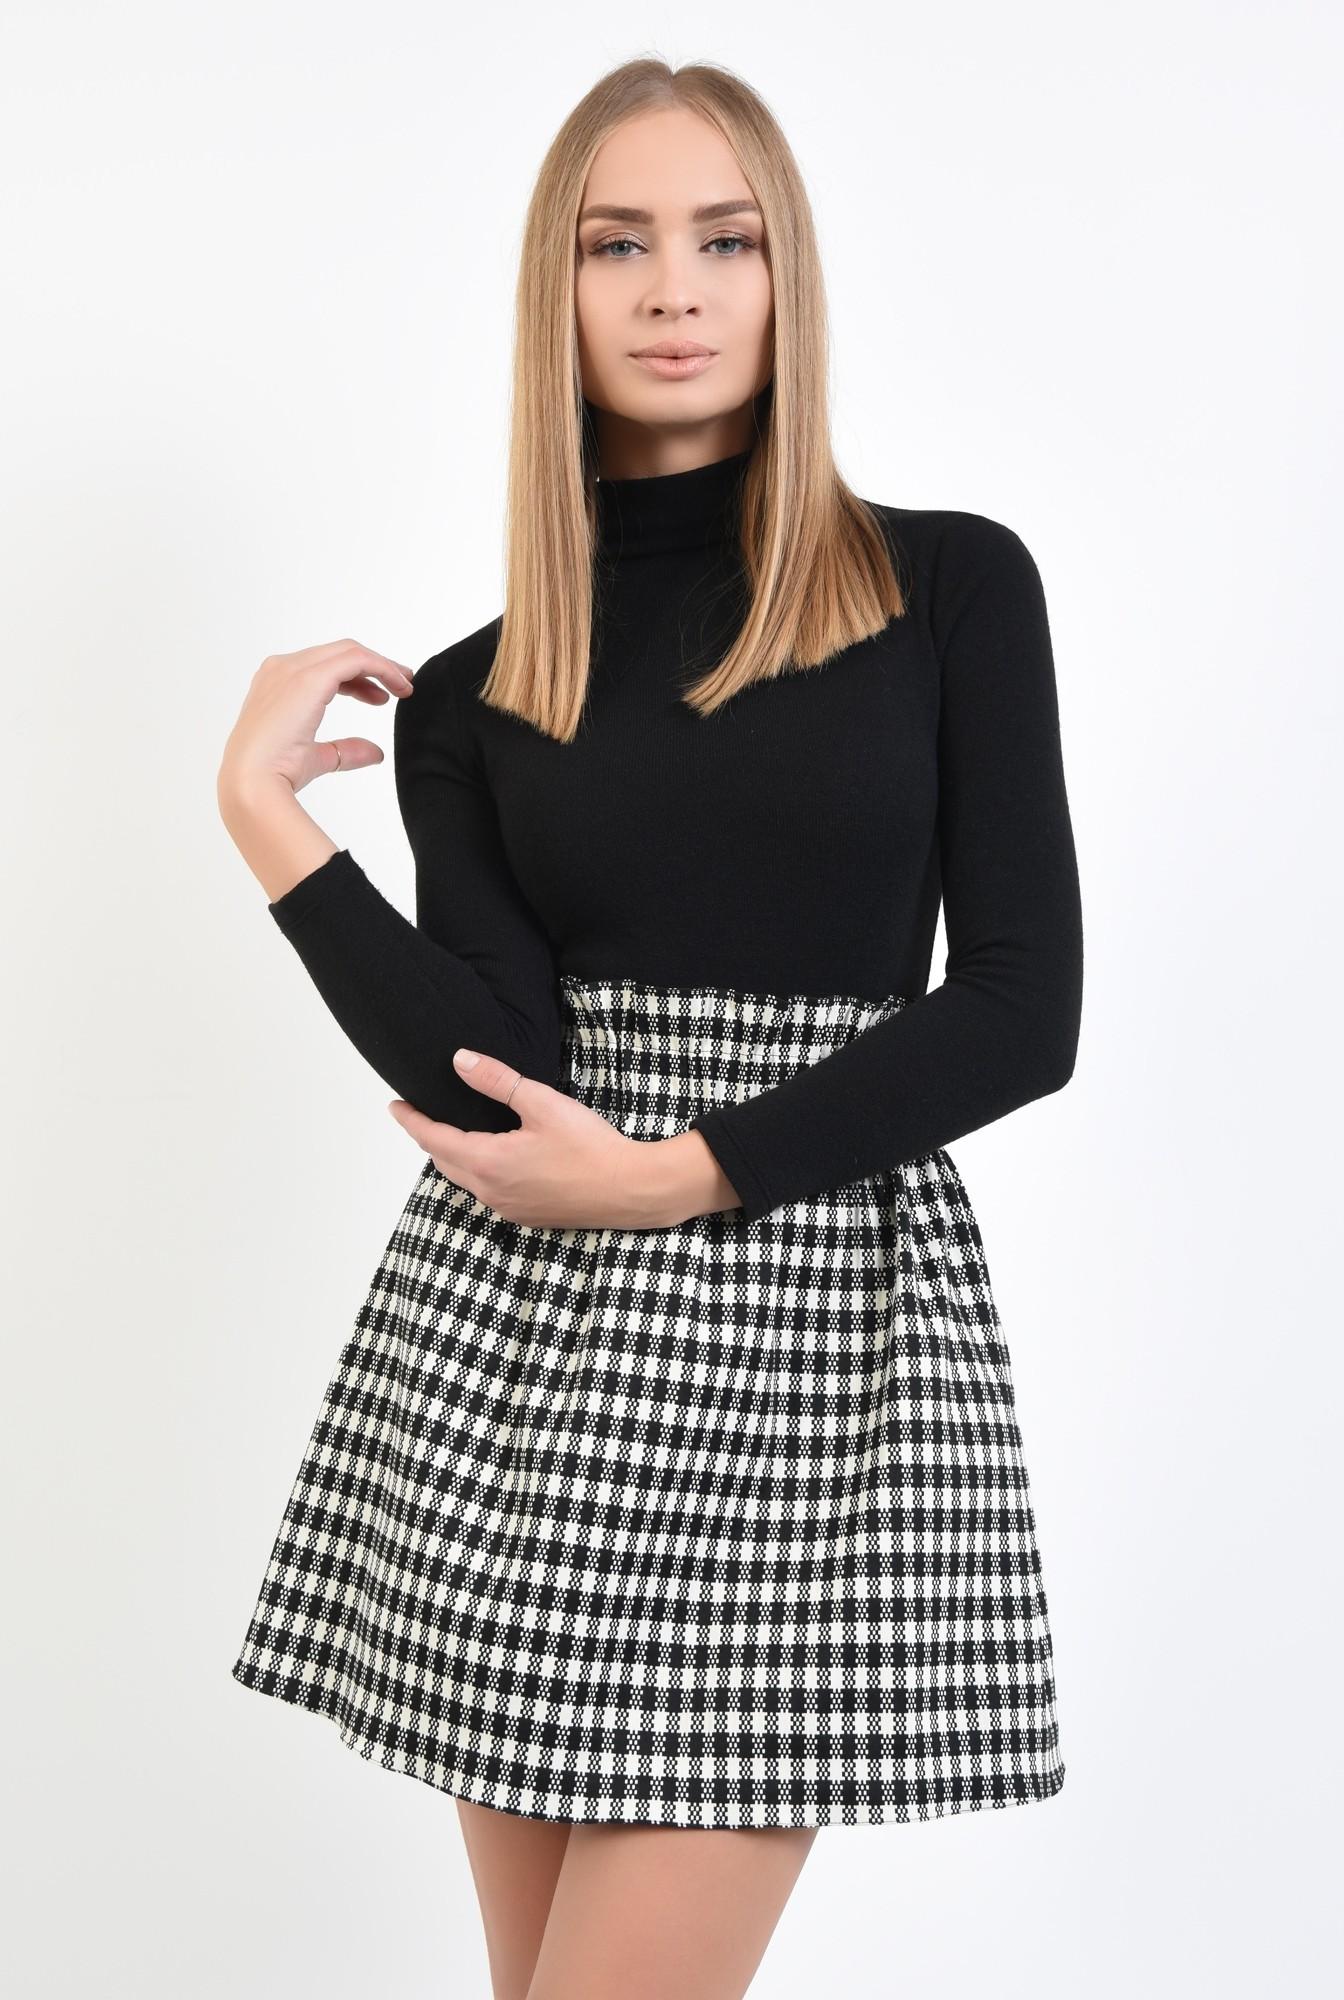 2 - fusta de zi, carouri alb-negru, mini, buzunare